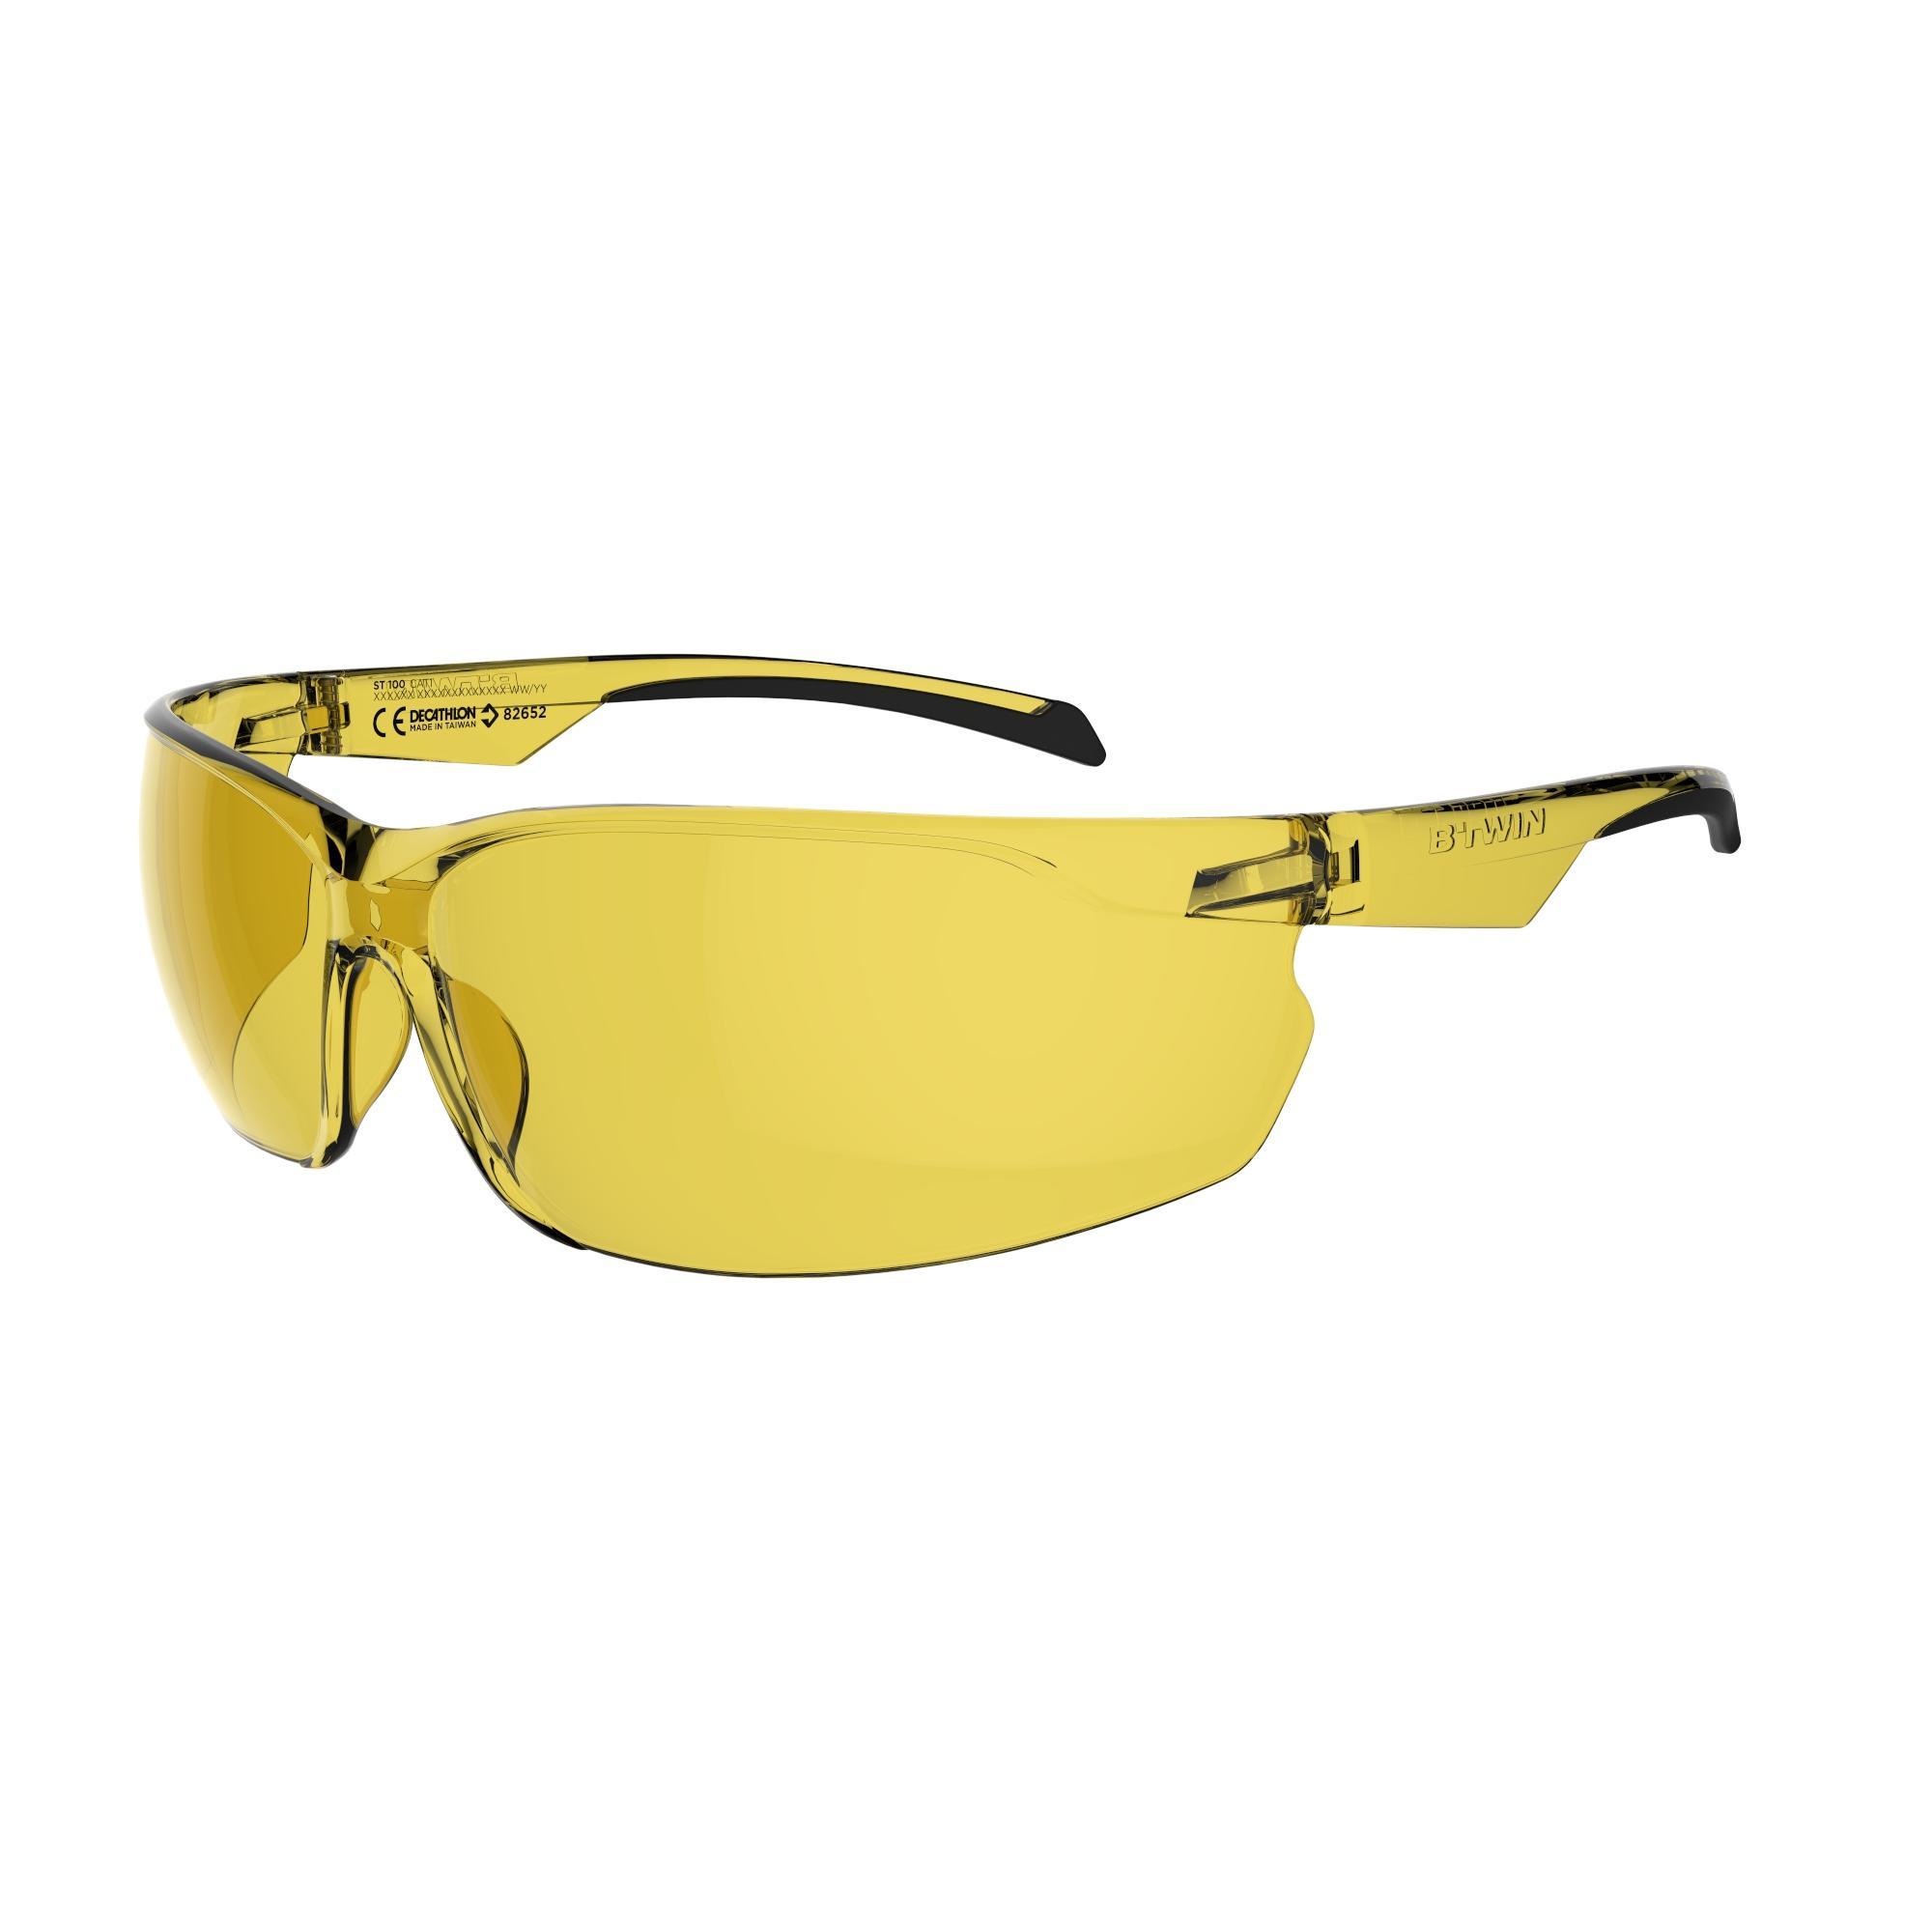 Lunettes de VTT adulte ST 100 jaune catégorie 1